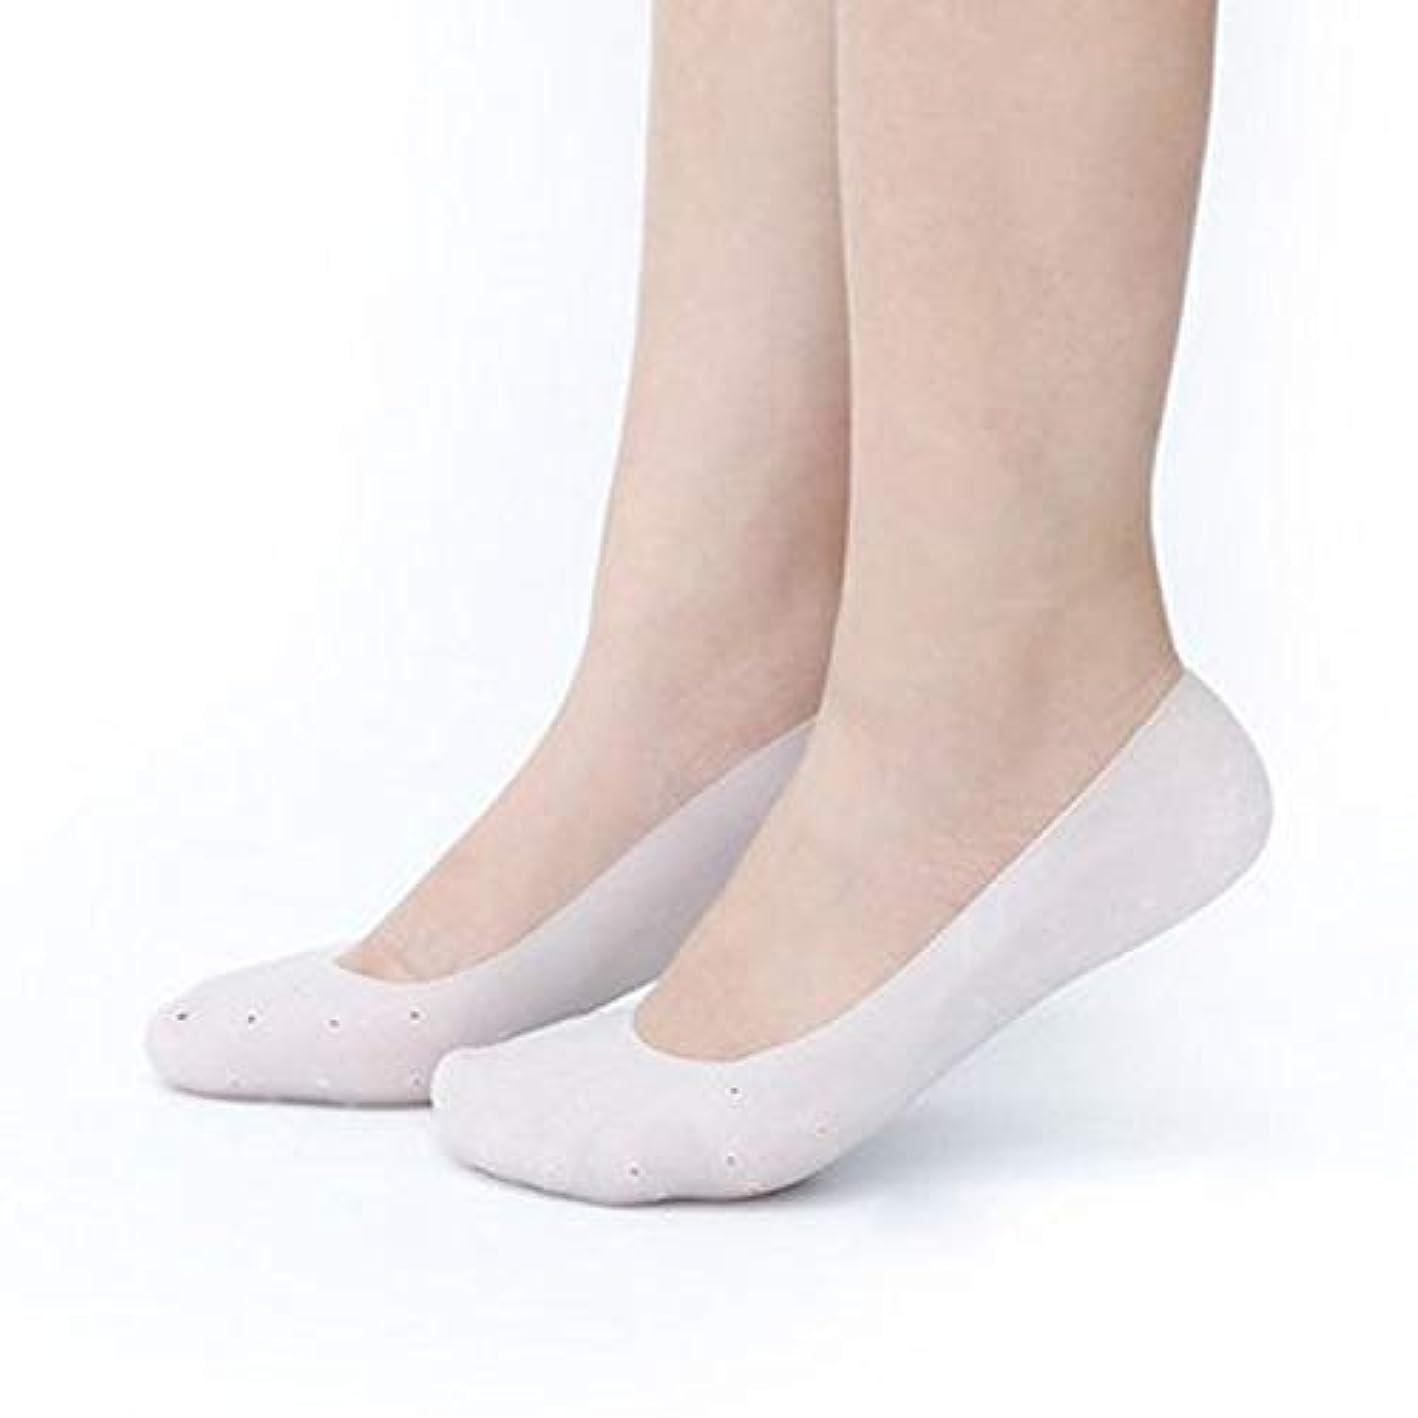 実業家レオナルドダ変える保湿靴下 シリコンソックス 角質ケア ひび割れ かかとケア あかぎれ予防 足裂対策